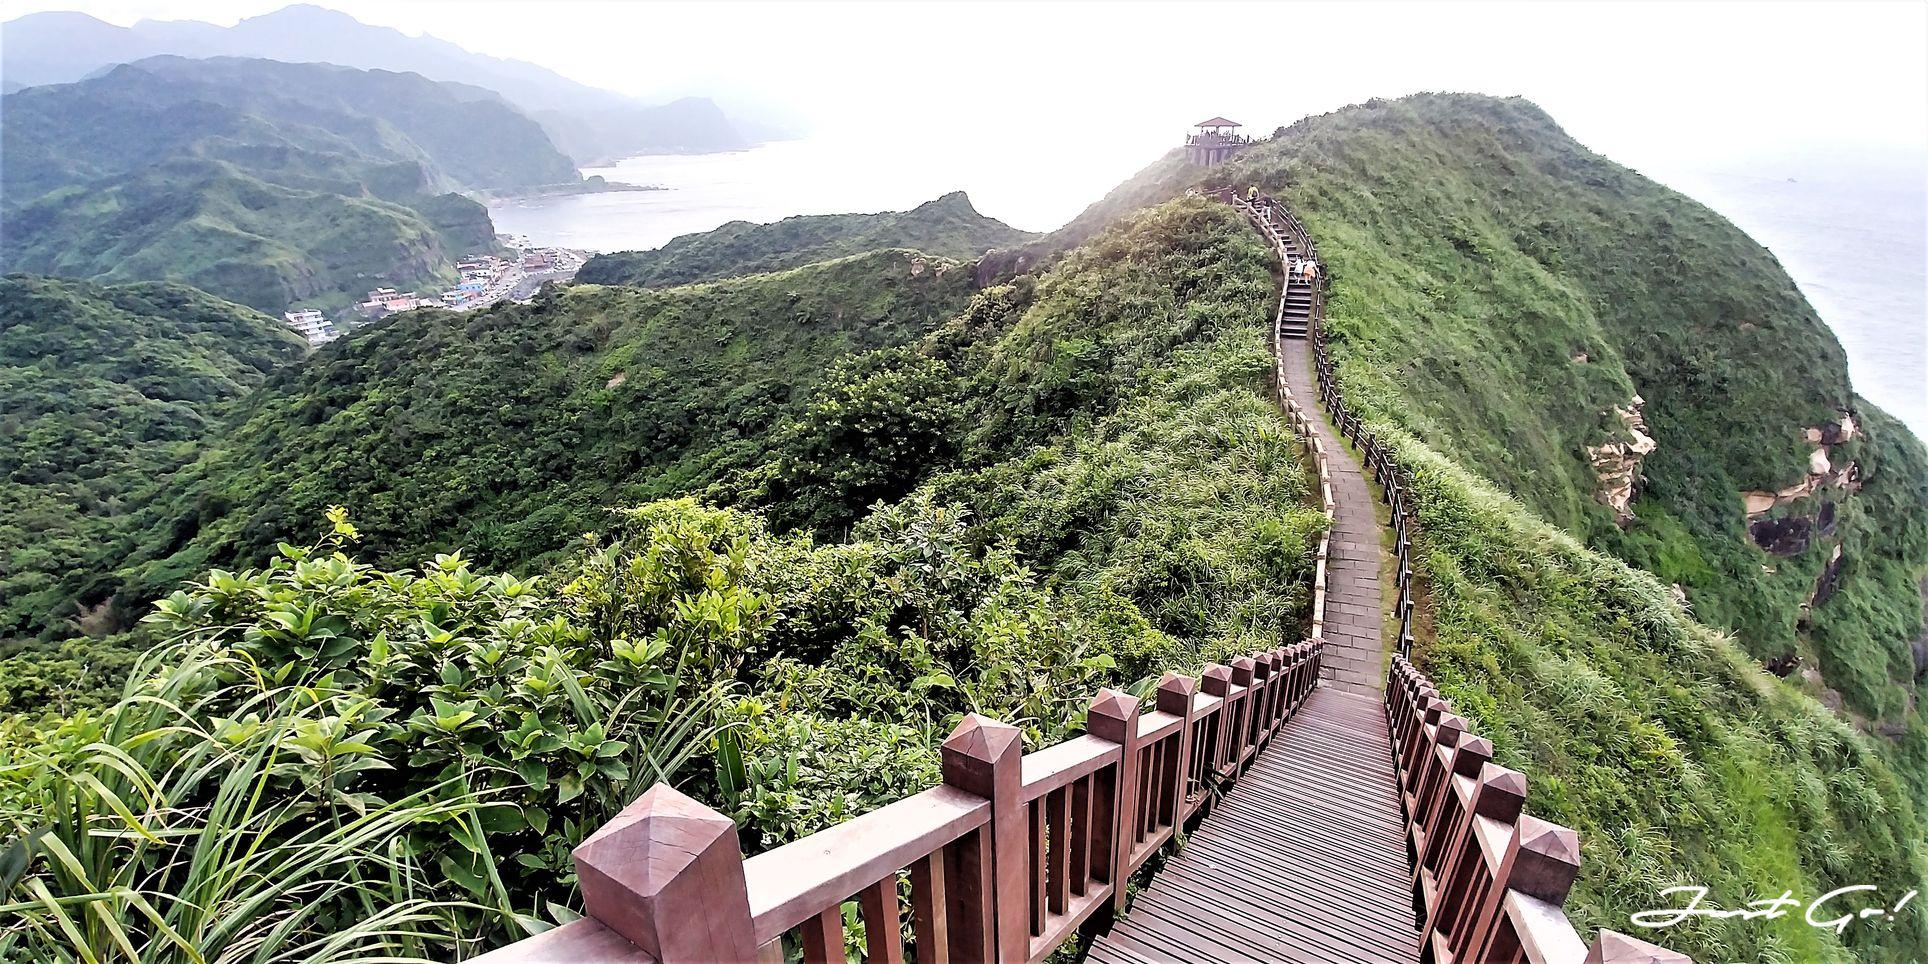 台北近郊·6條登山入門款路線推薦-交通方式、登山口、路徑規劃4